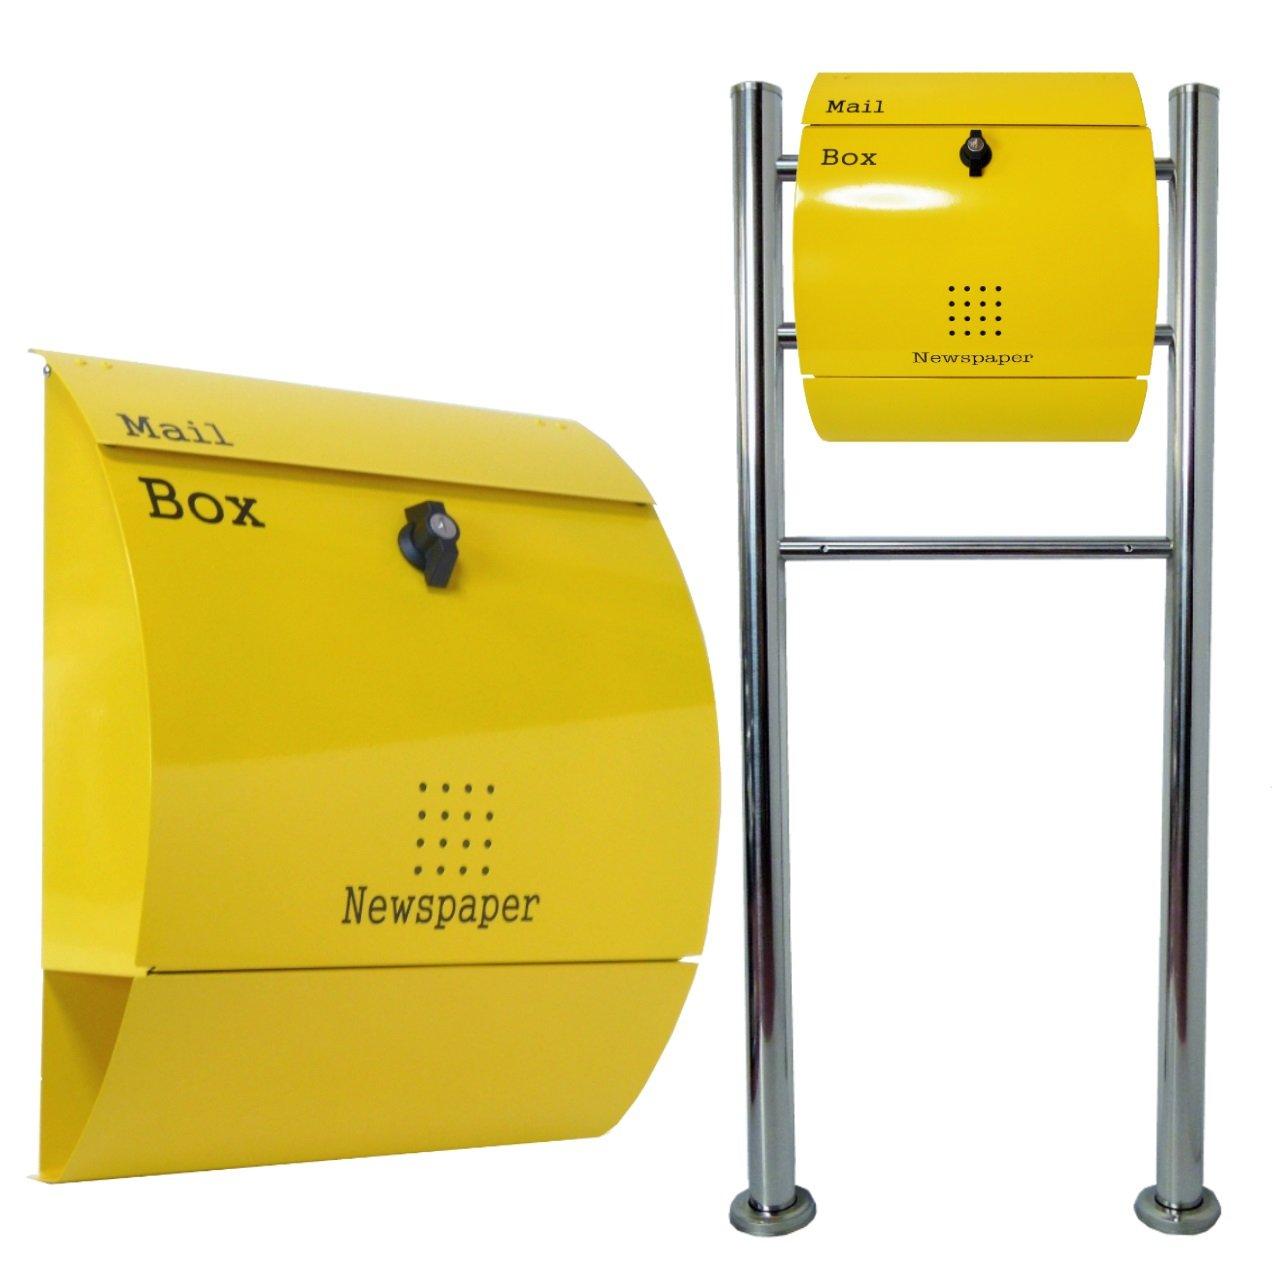 郵便ポスト郵便受けおしゃれ北欧風飾りバー付スタンド型プレミアムステンレスイエロー黄色ポストpm06f-pm031 B076GWVT5F 22880